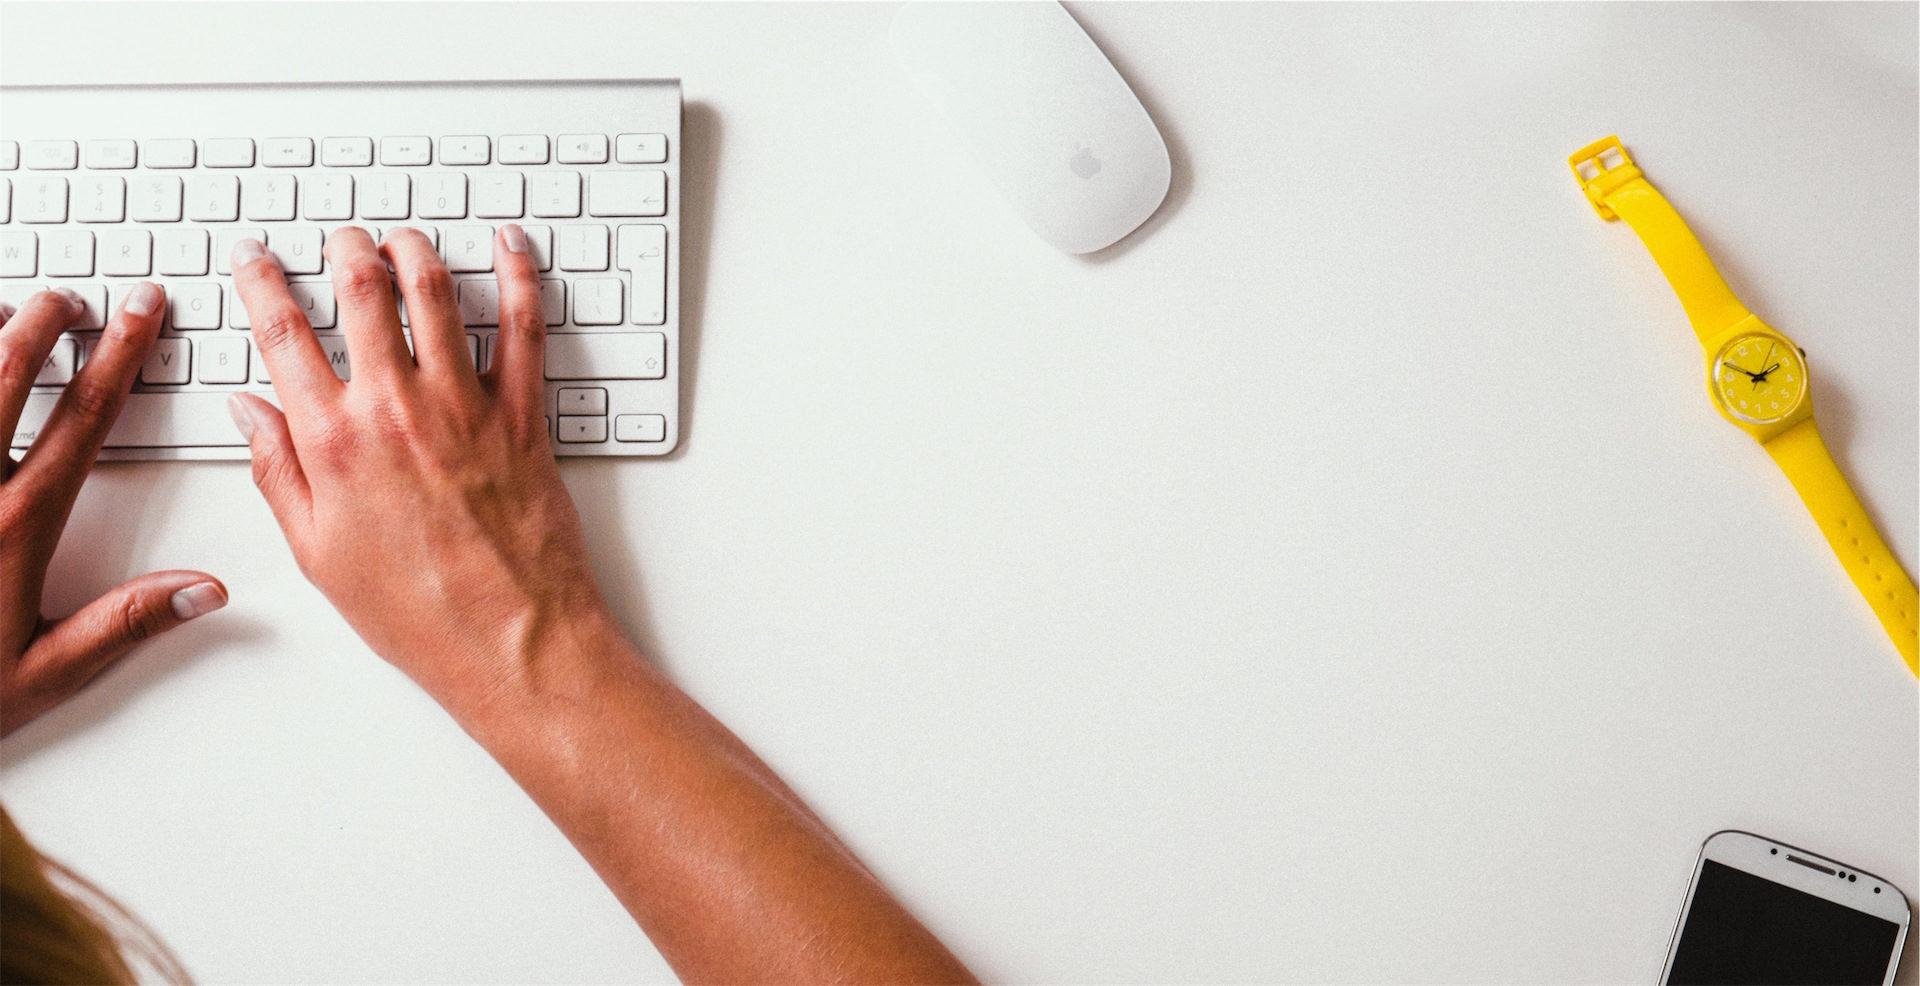 Ufficio, lavoro, mani, computer, Orologio - Sfondi HD - Professor-falken.com